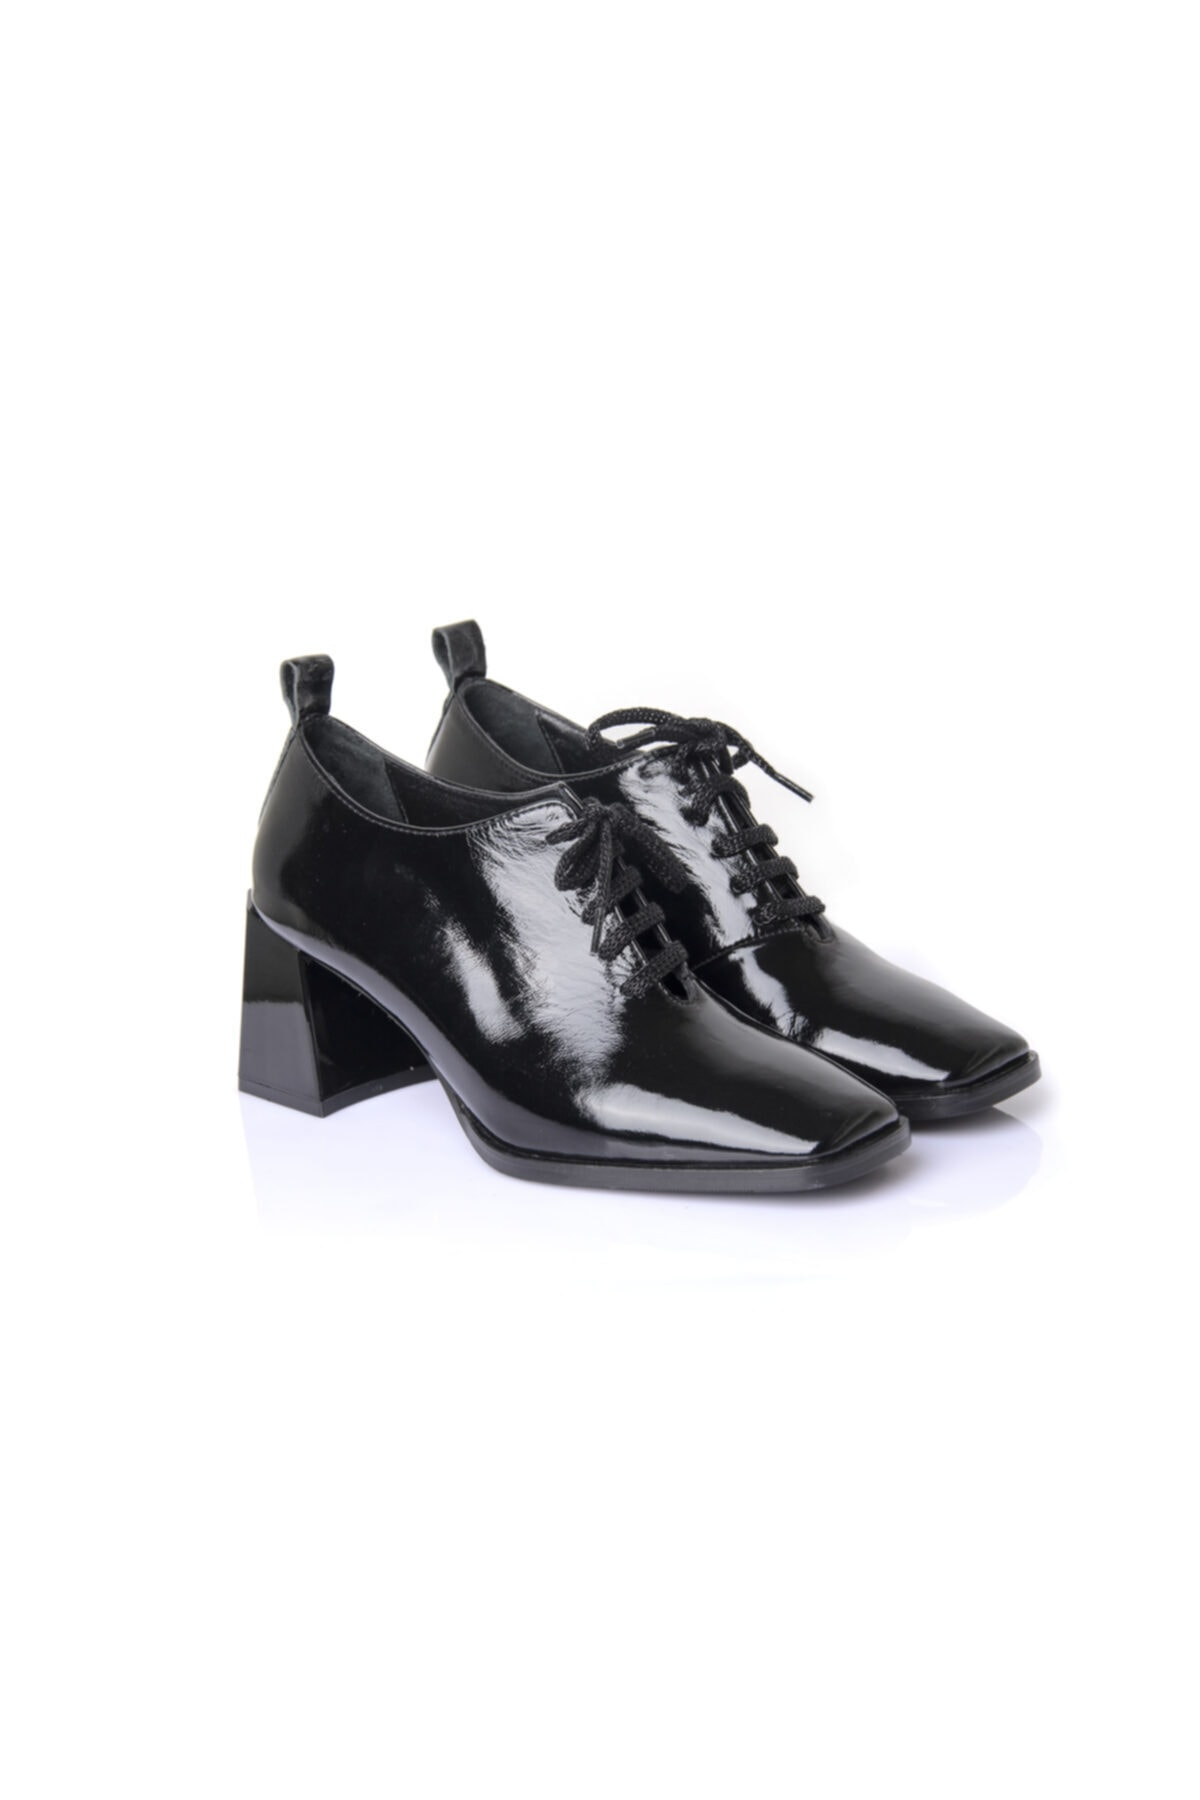 RUKASHOES Kadın Siyah Rugan Hakiki Deri Ayakkabı 7235 2